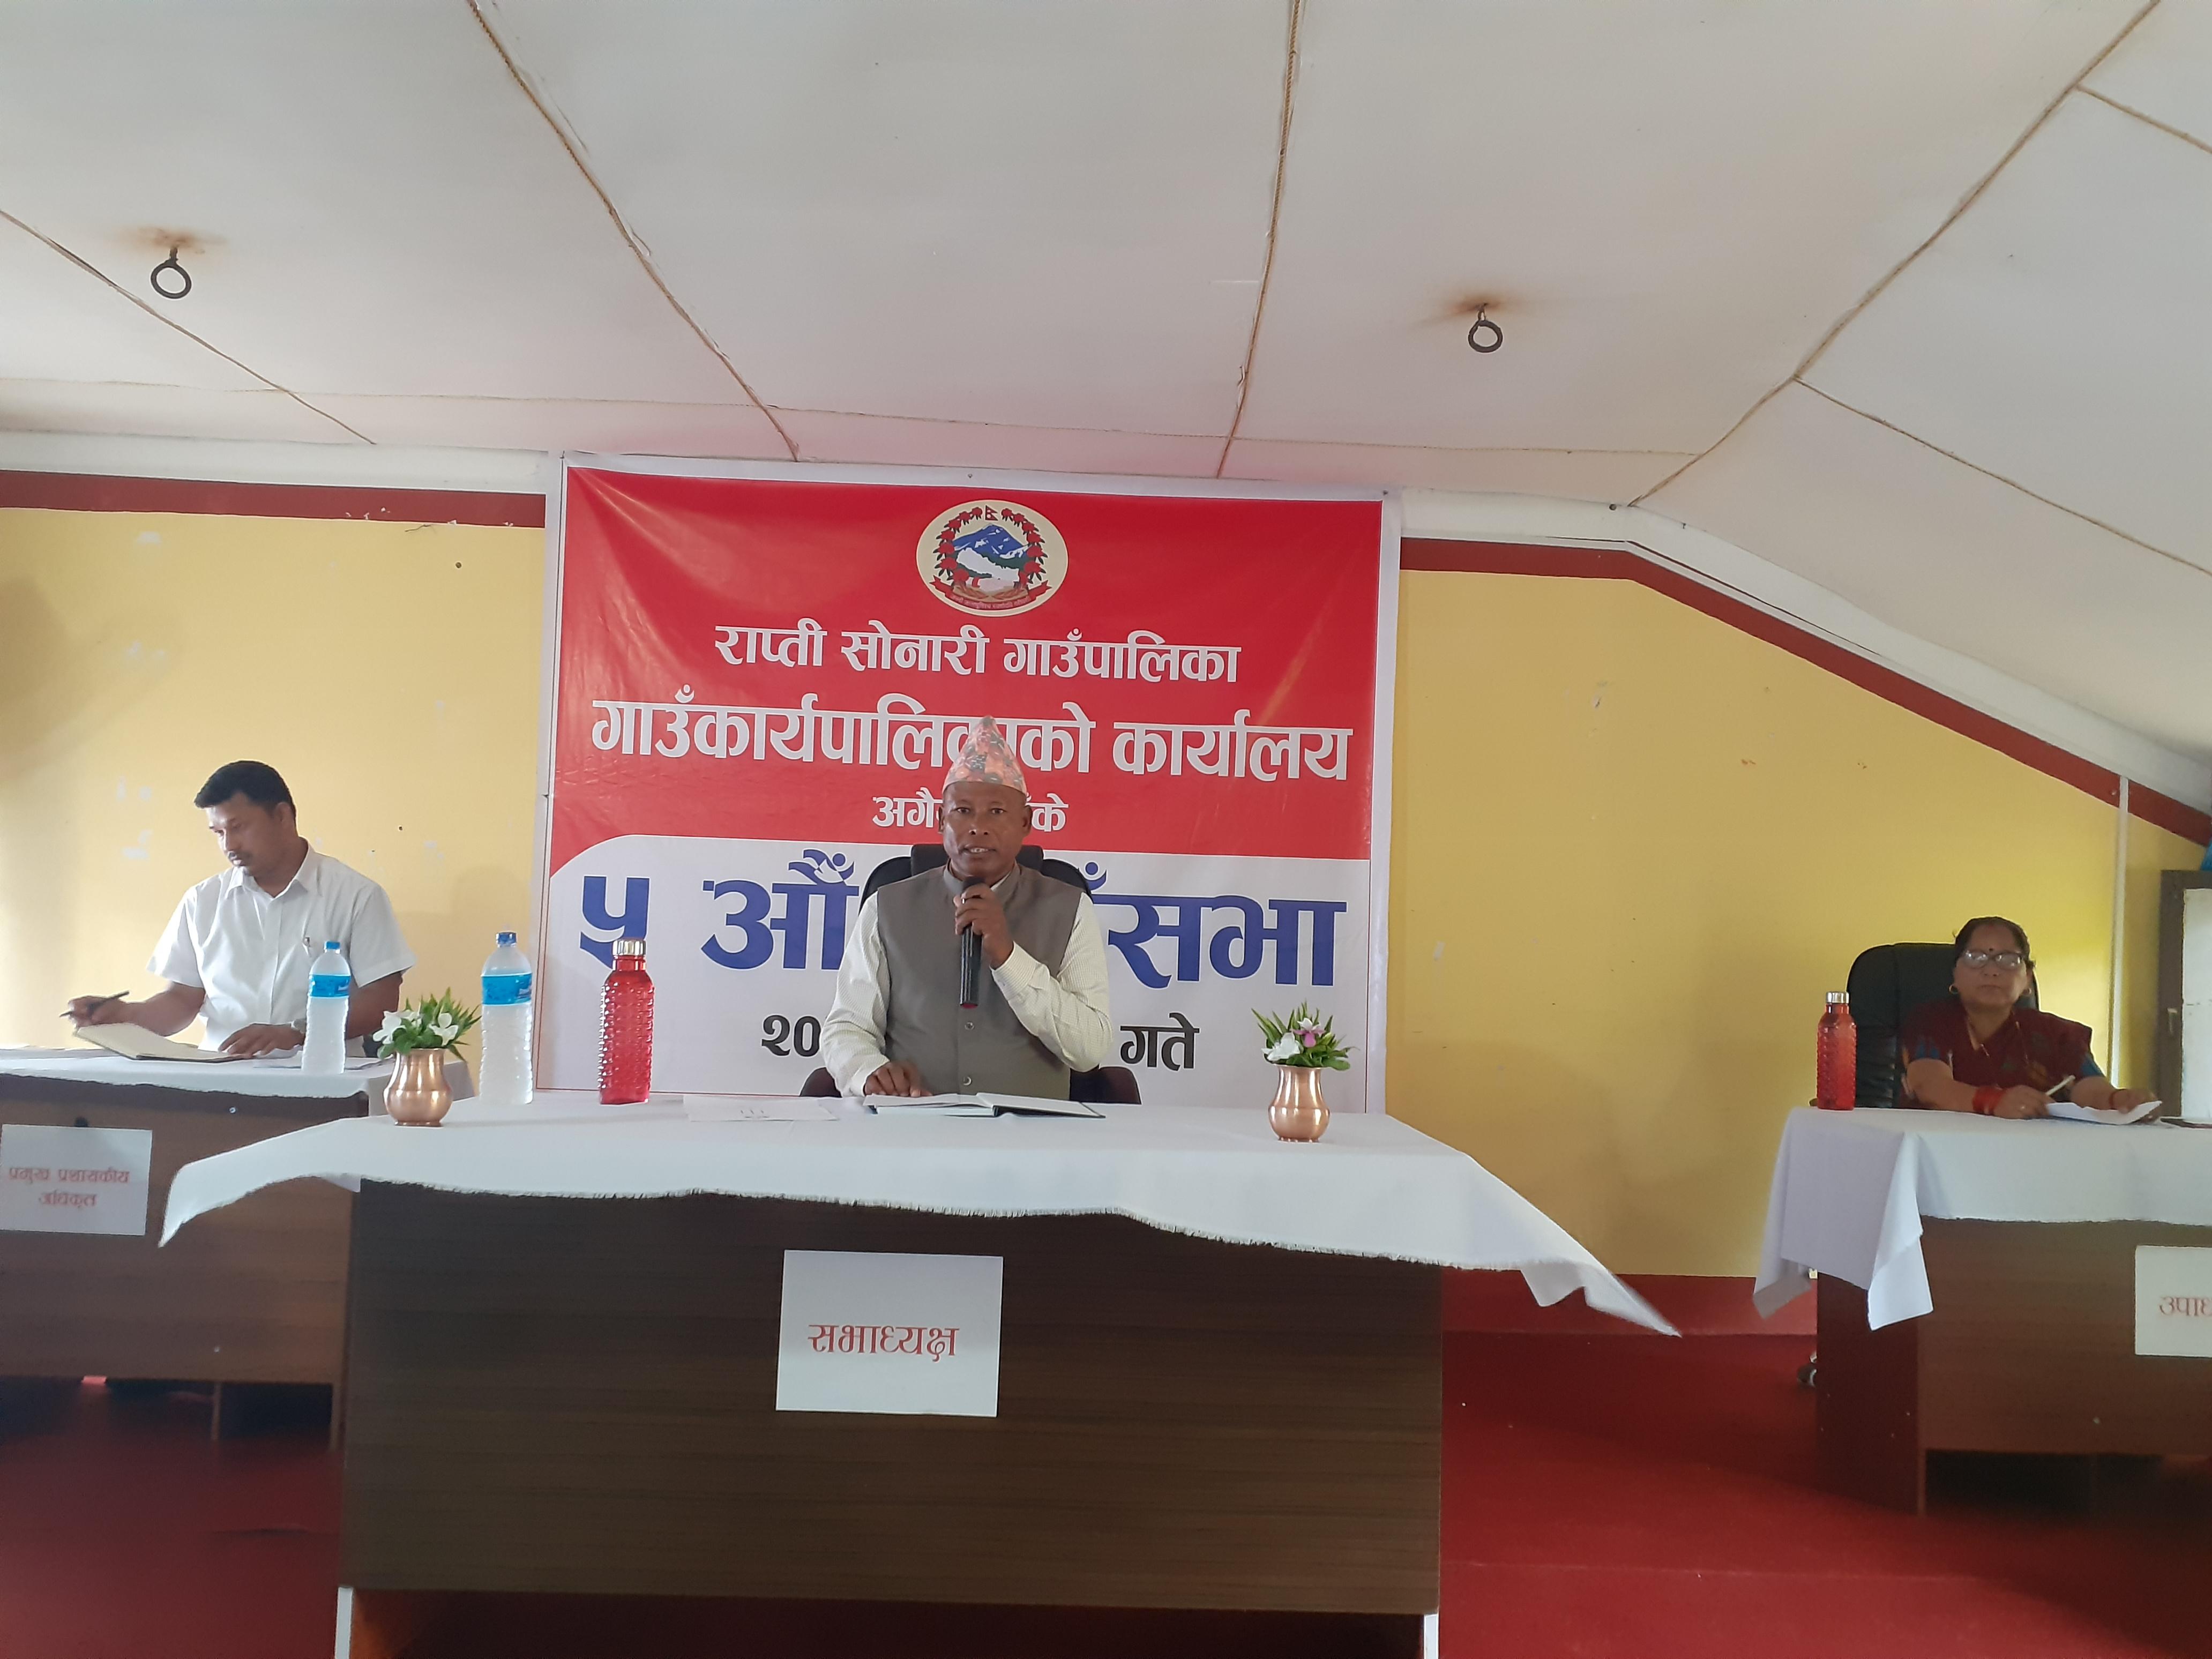 बाँकेकाे राप्तीसोनारीको  पाँचौ गाउँसभामा नीति तथा कार्यक्रम प्रस्तुत